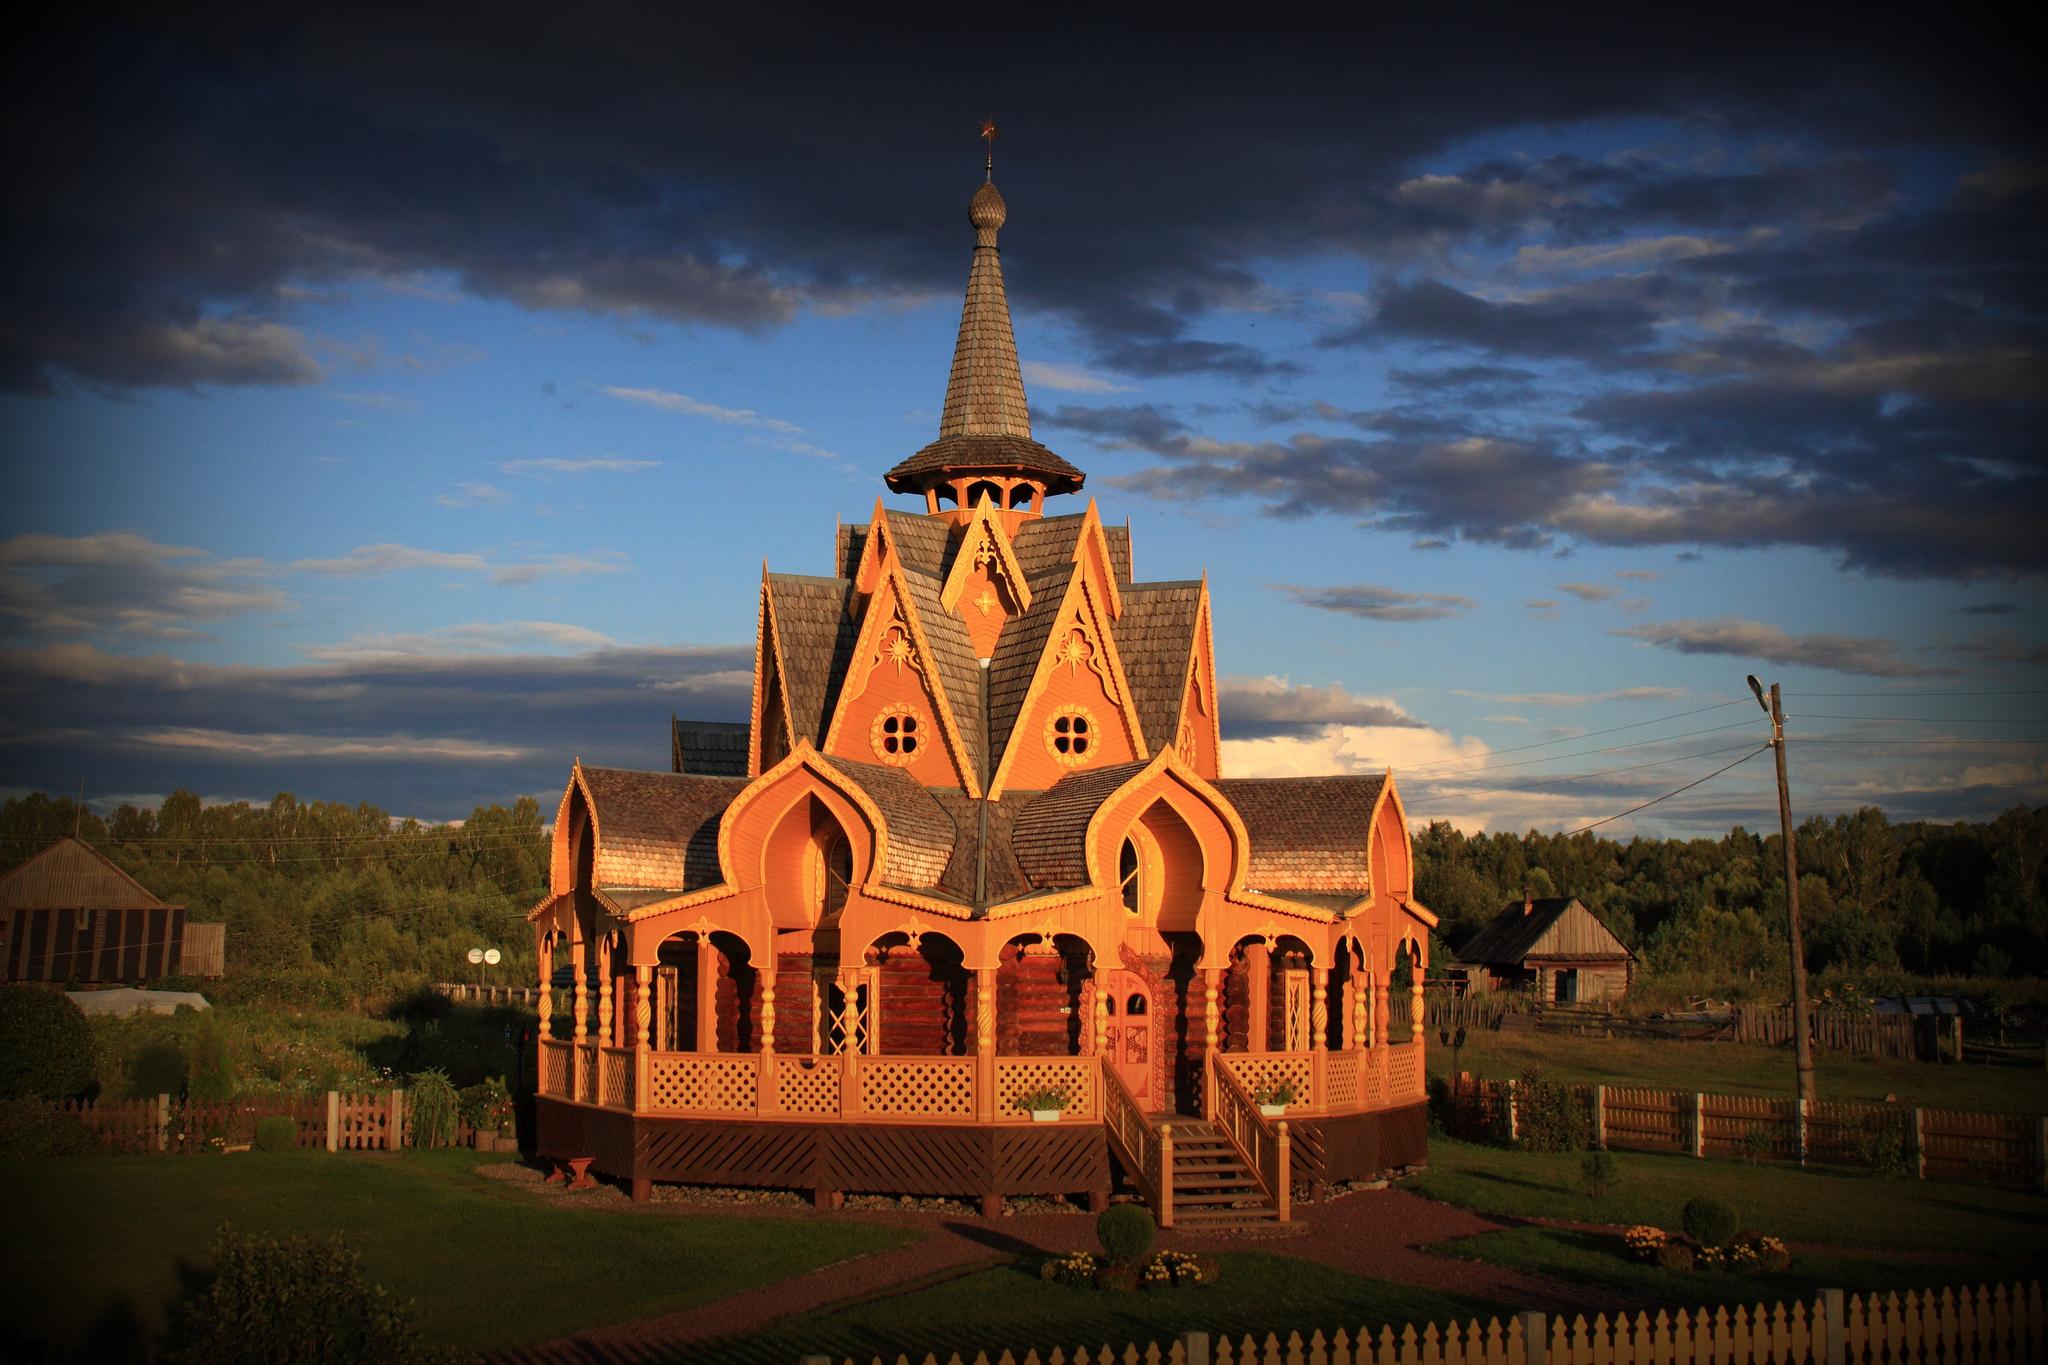 Vissarion Church, Petropavlovka, Krasnoyarsk Krai, Russia